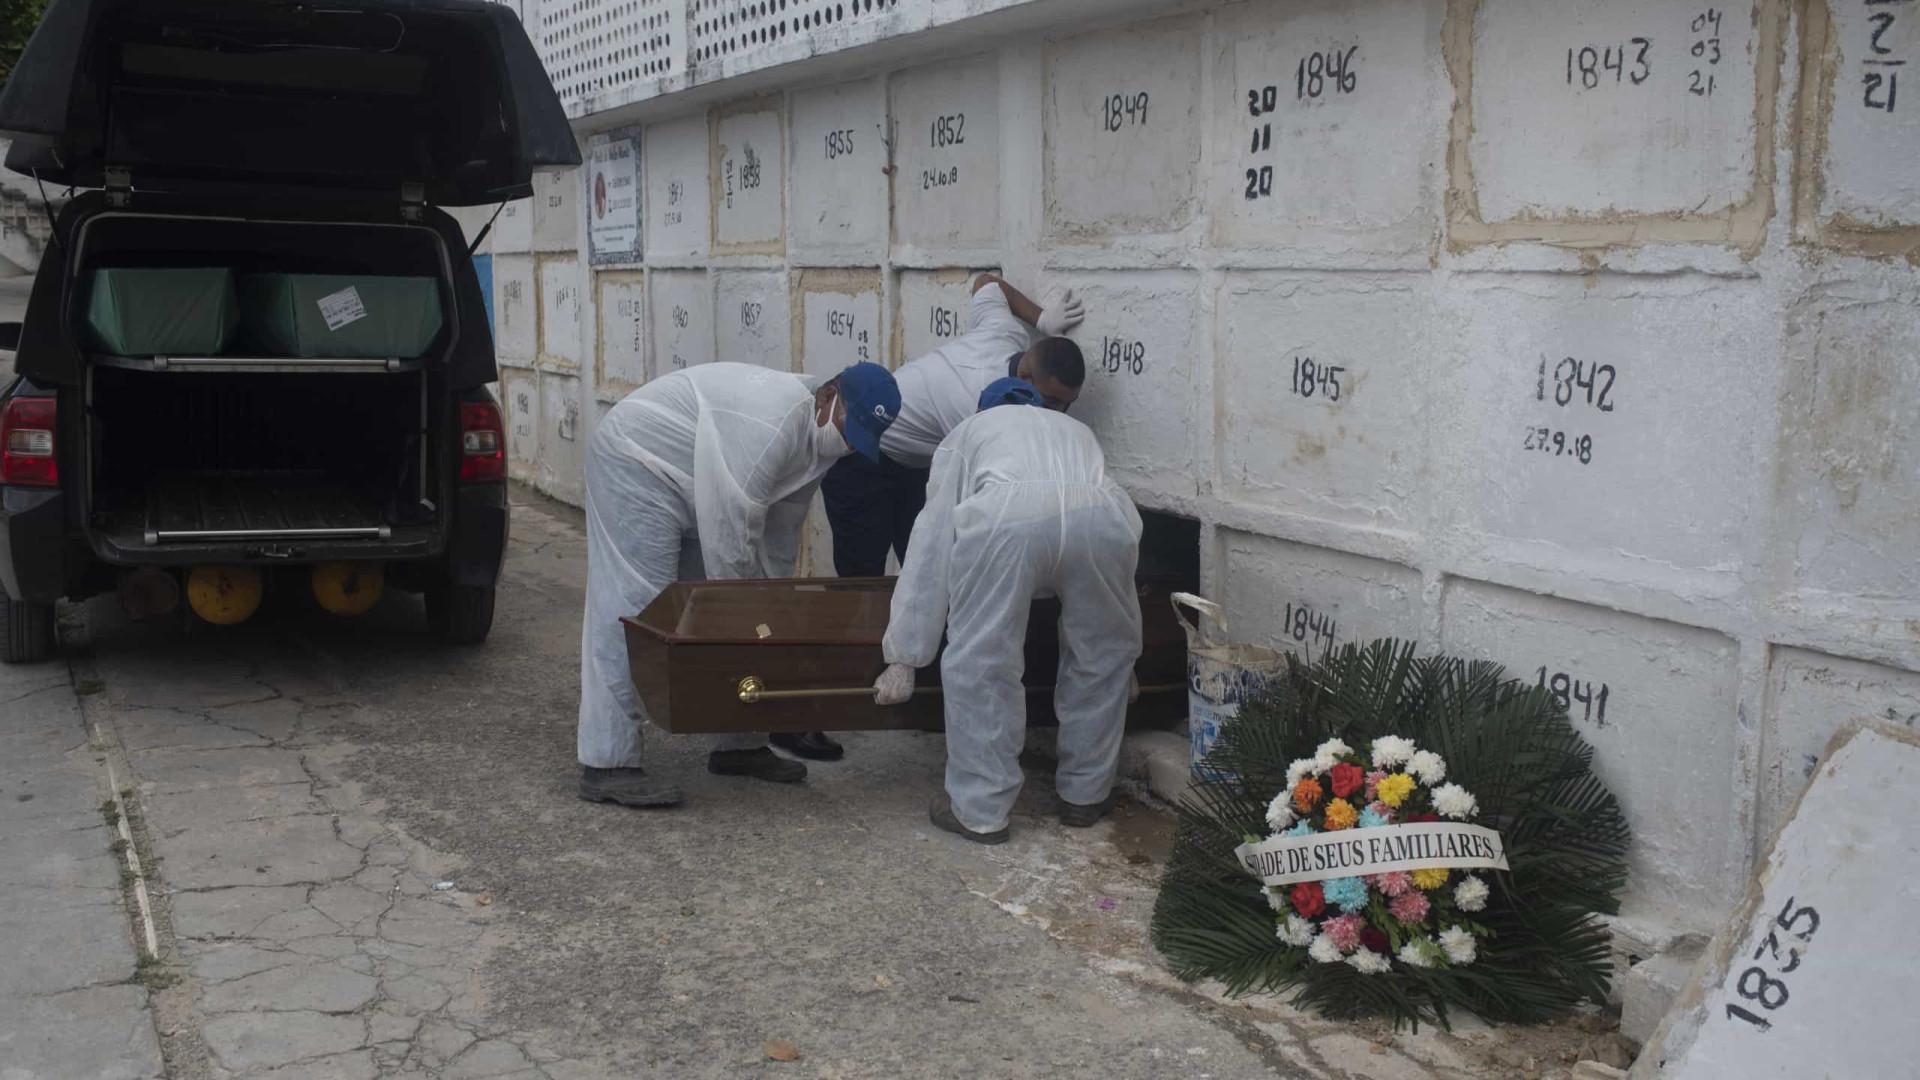 Brasil registra 1.893 mortes e 64.903 novos casos de covid-19 em 24h